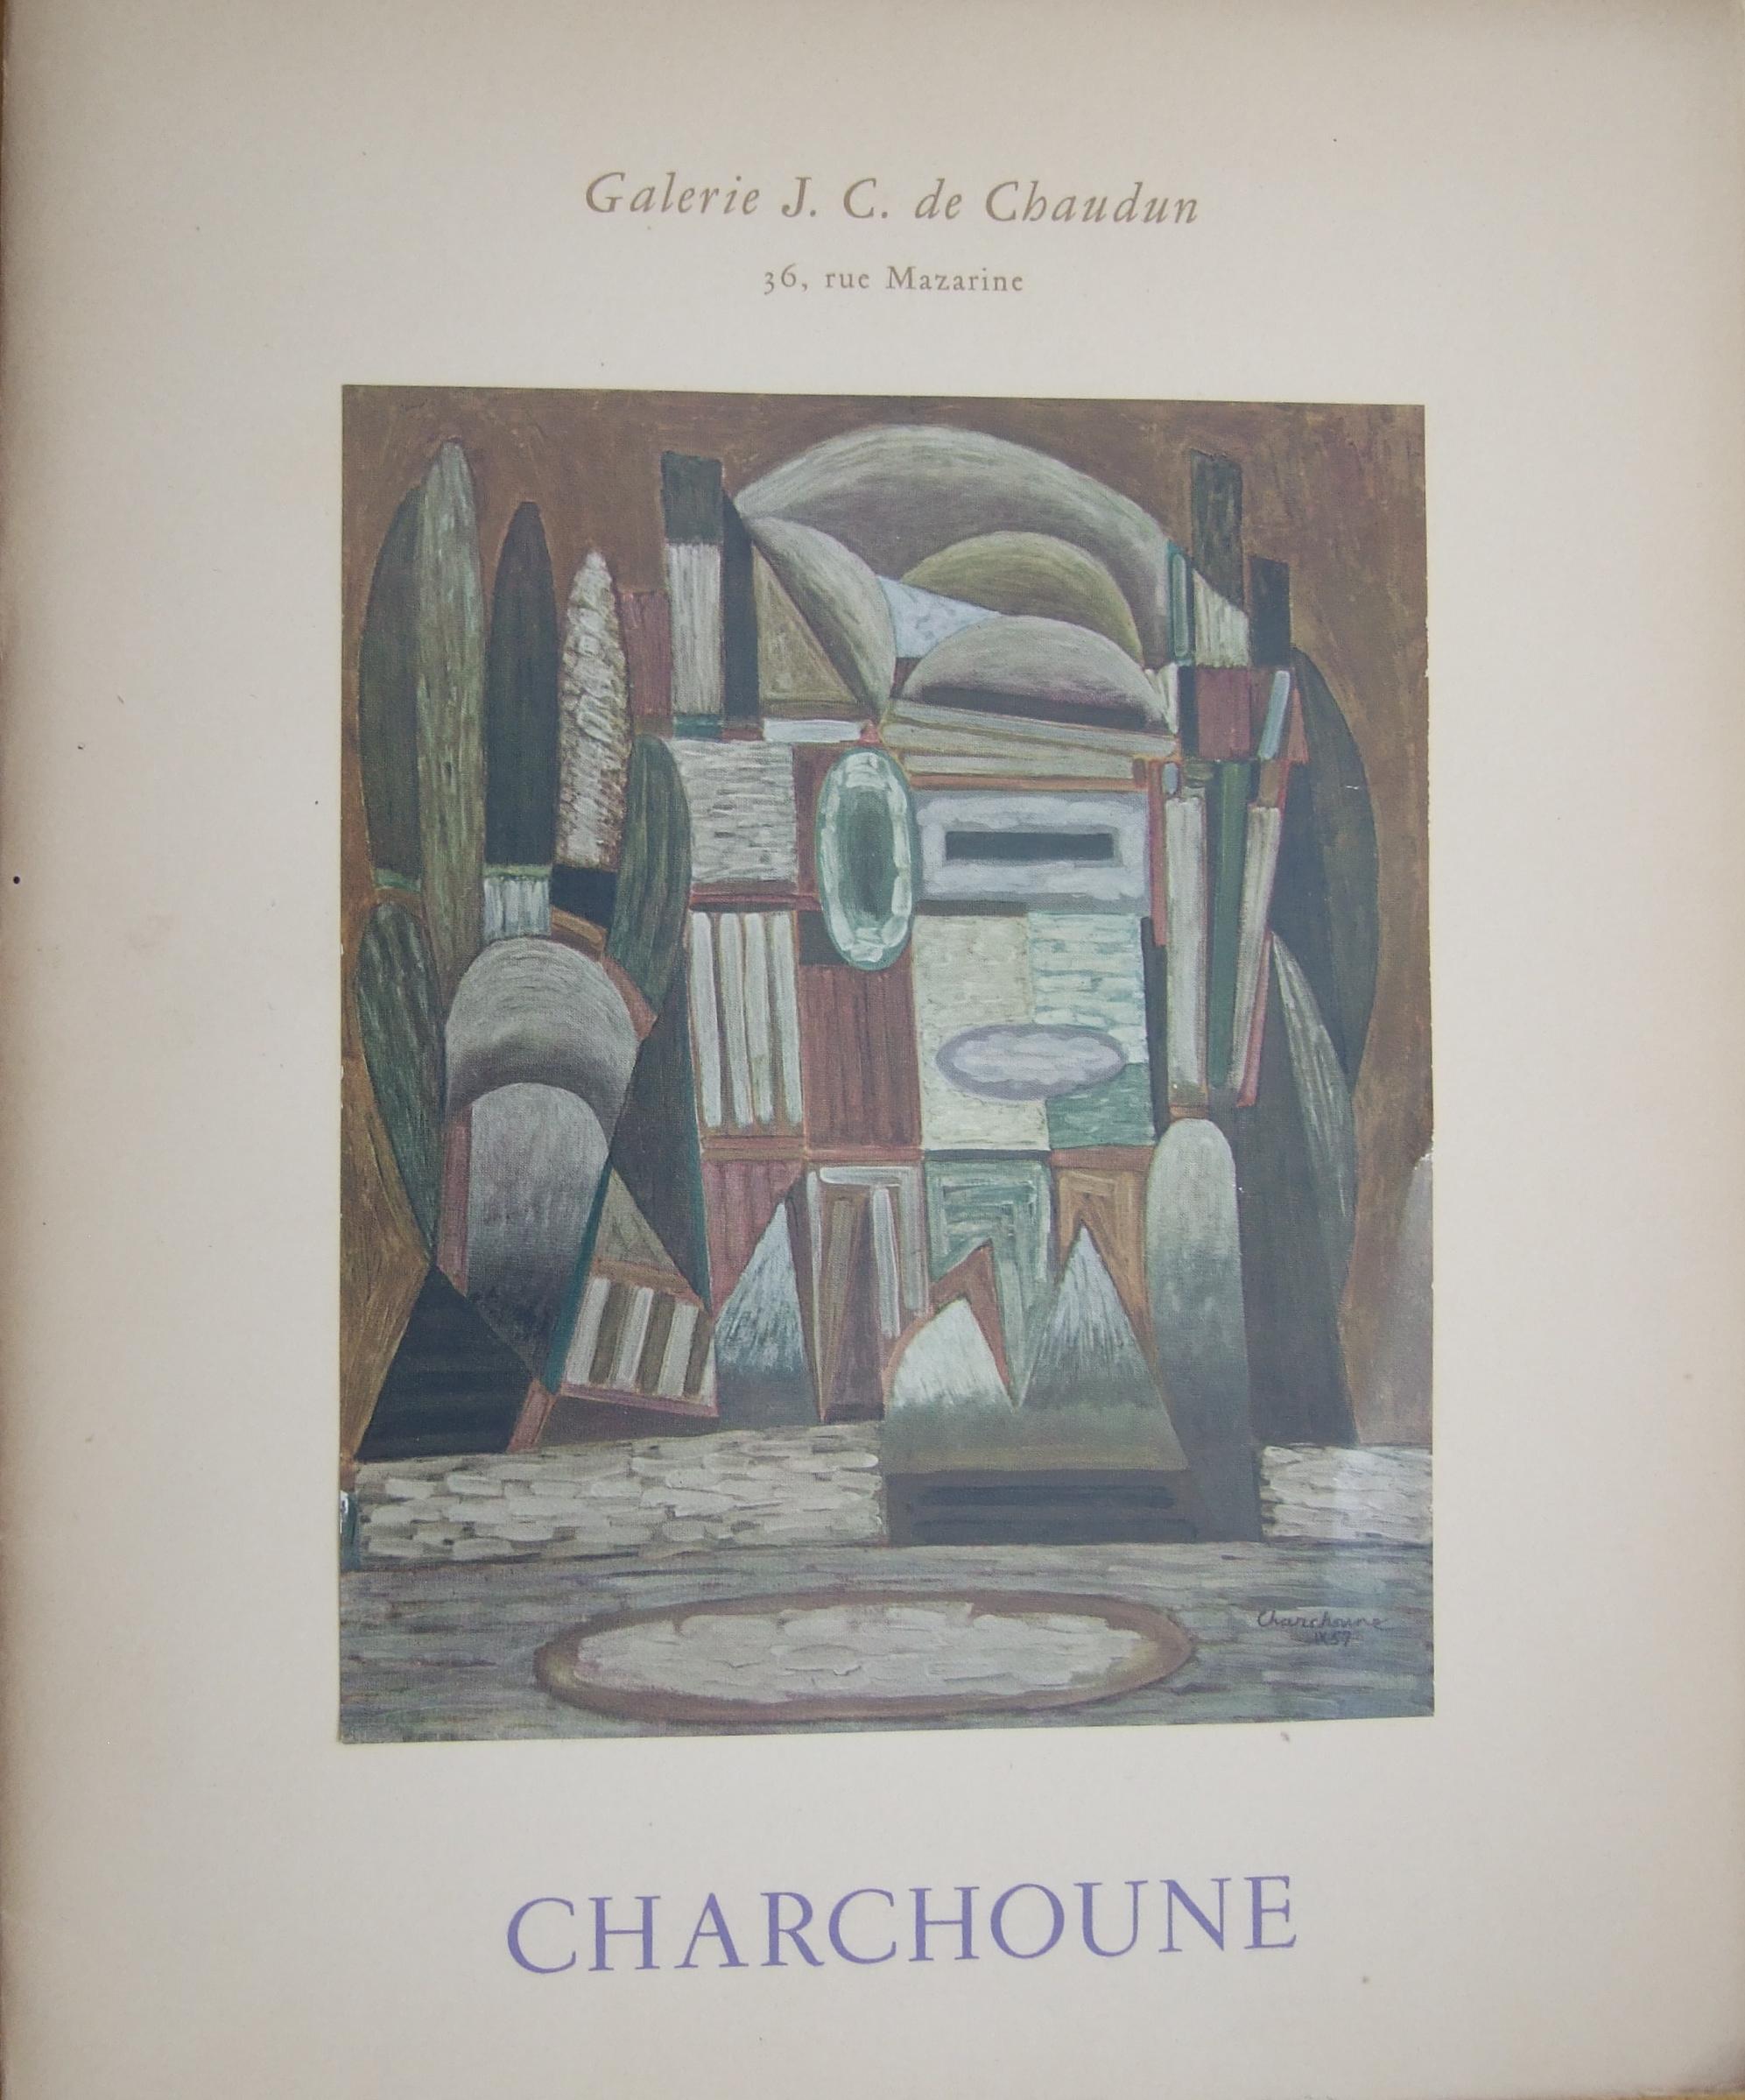 Charchoune Galerie J.C. de Chaudun